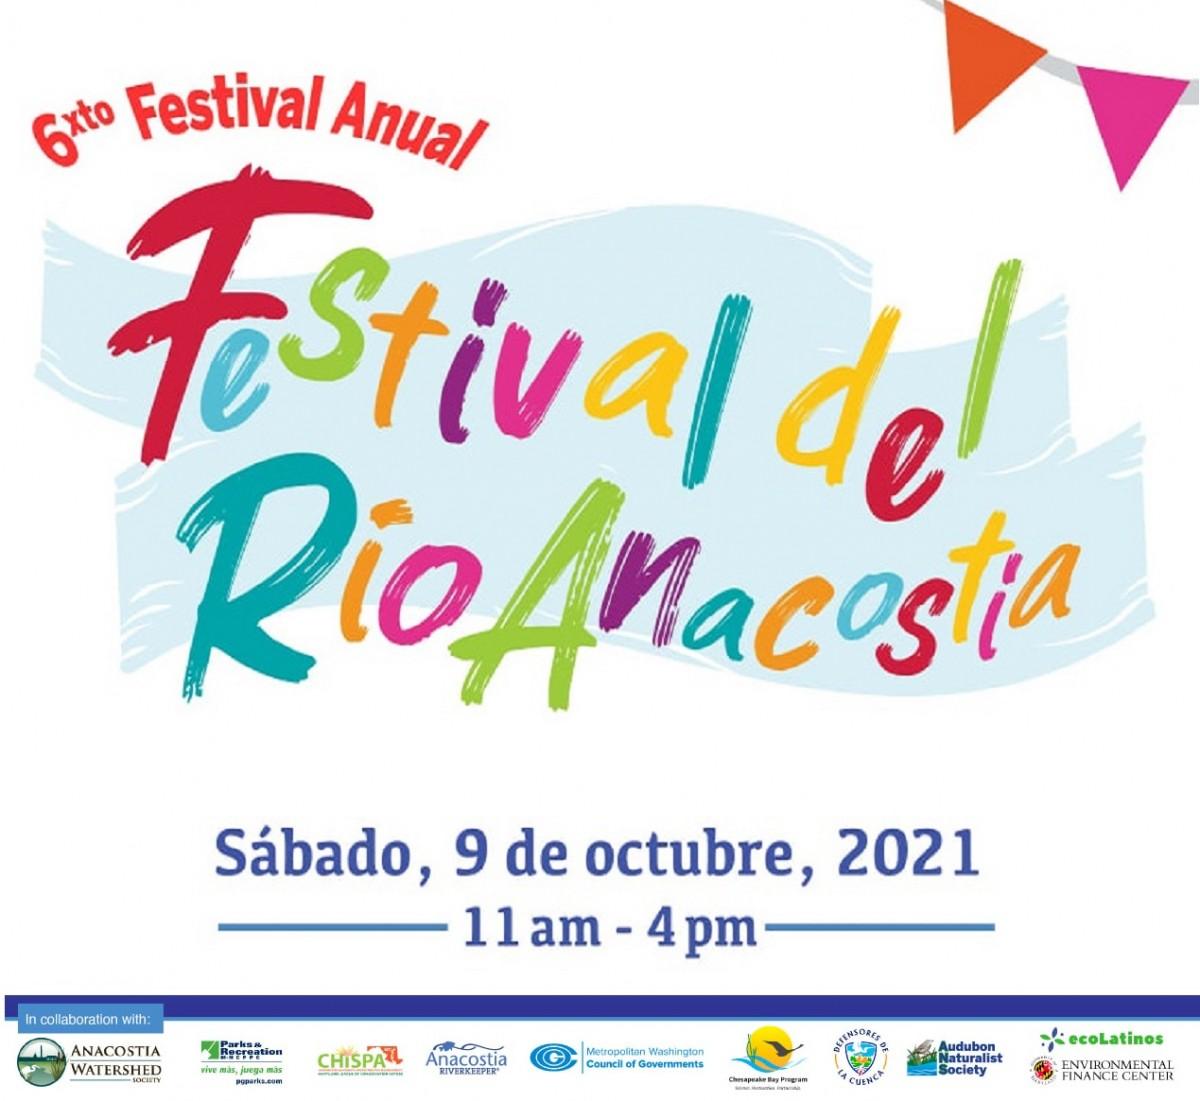 6th Annual Festival del Rio